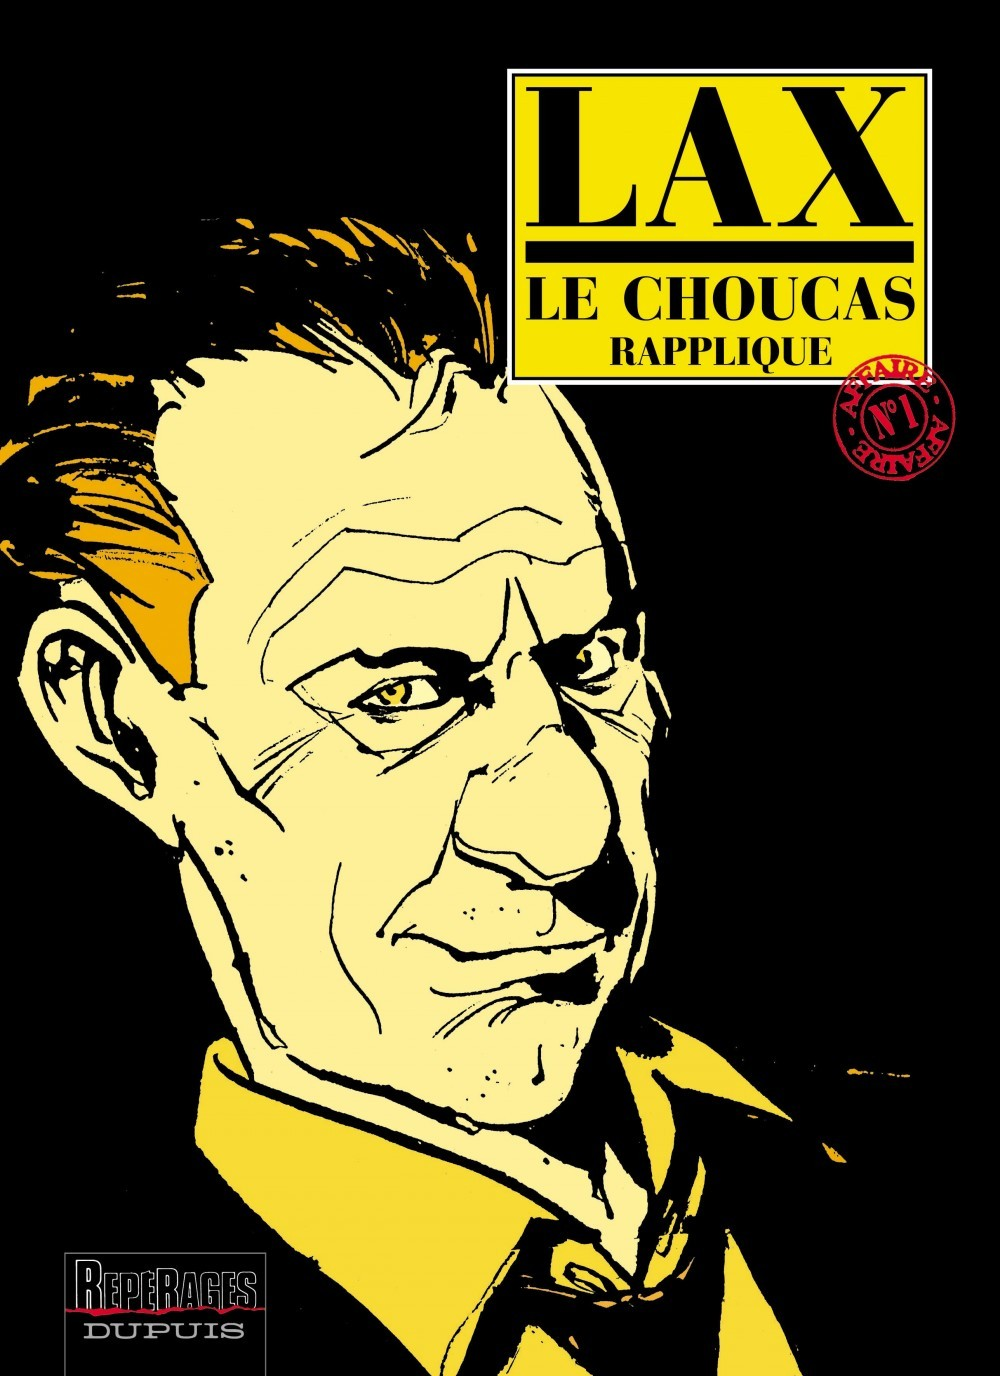 LE CHOUCAS RAPPLIQUE